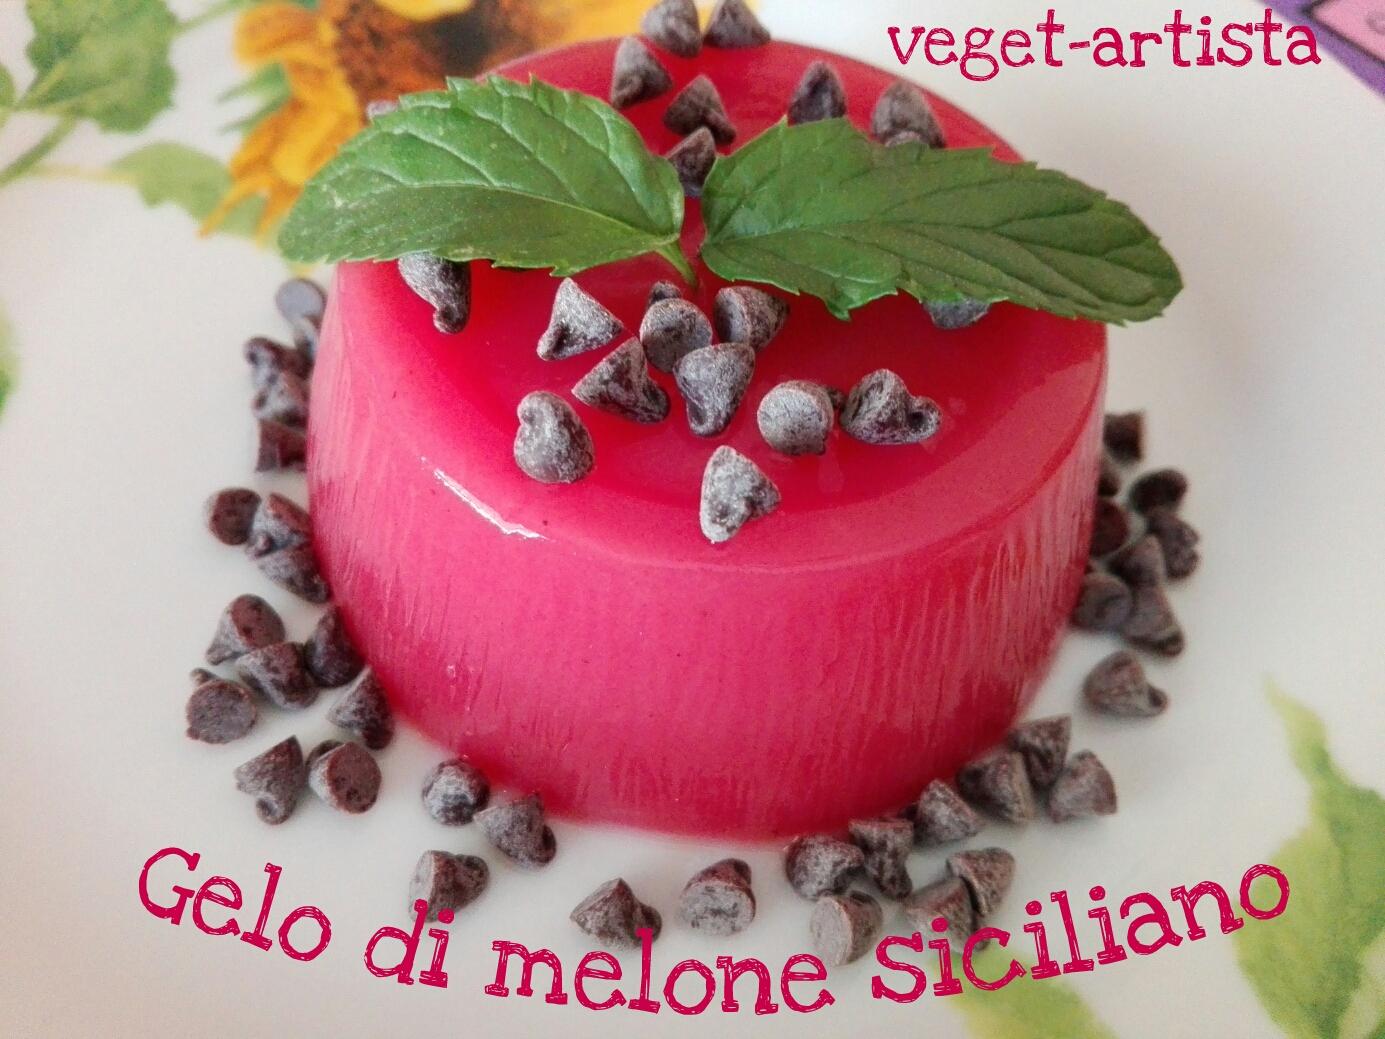 Gelo di melone siciliano